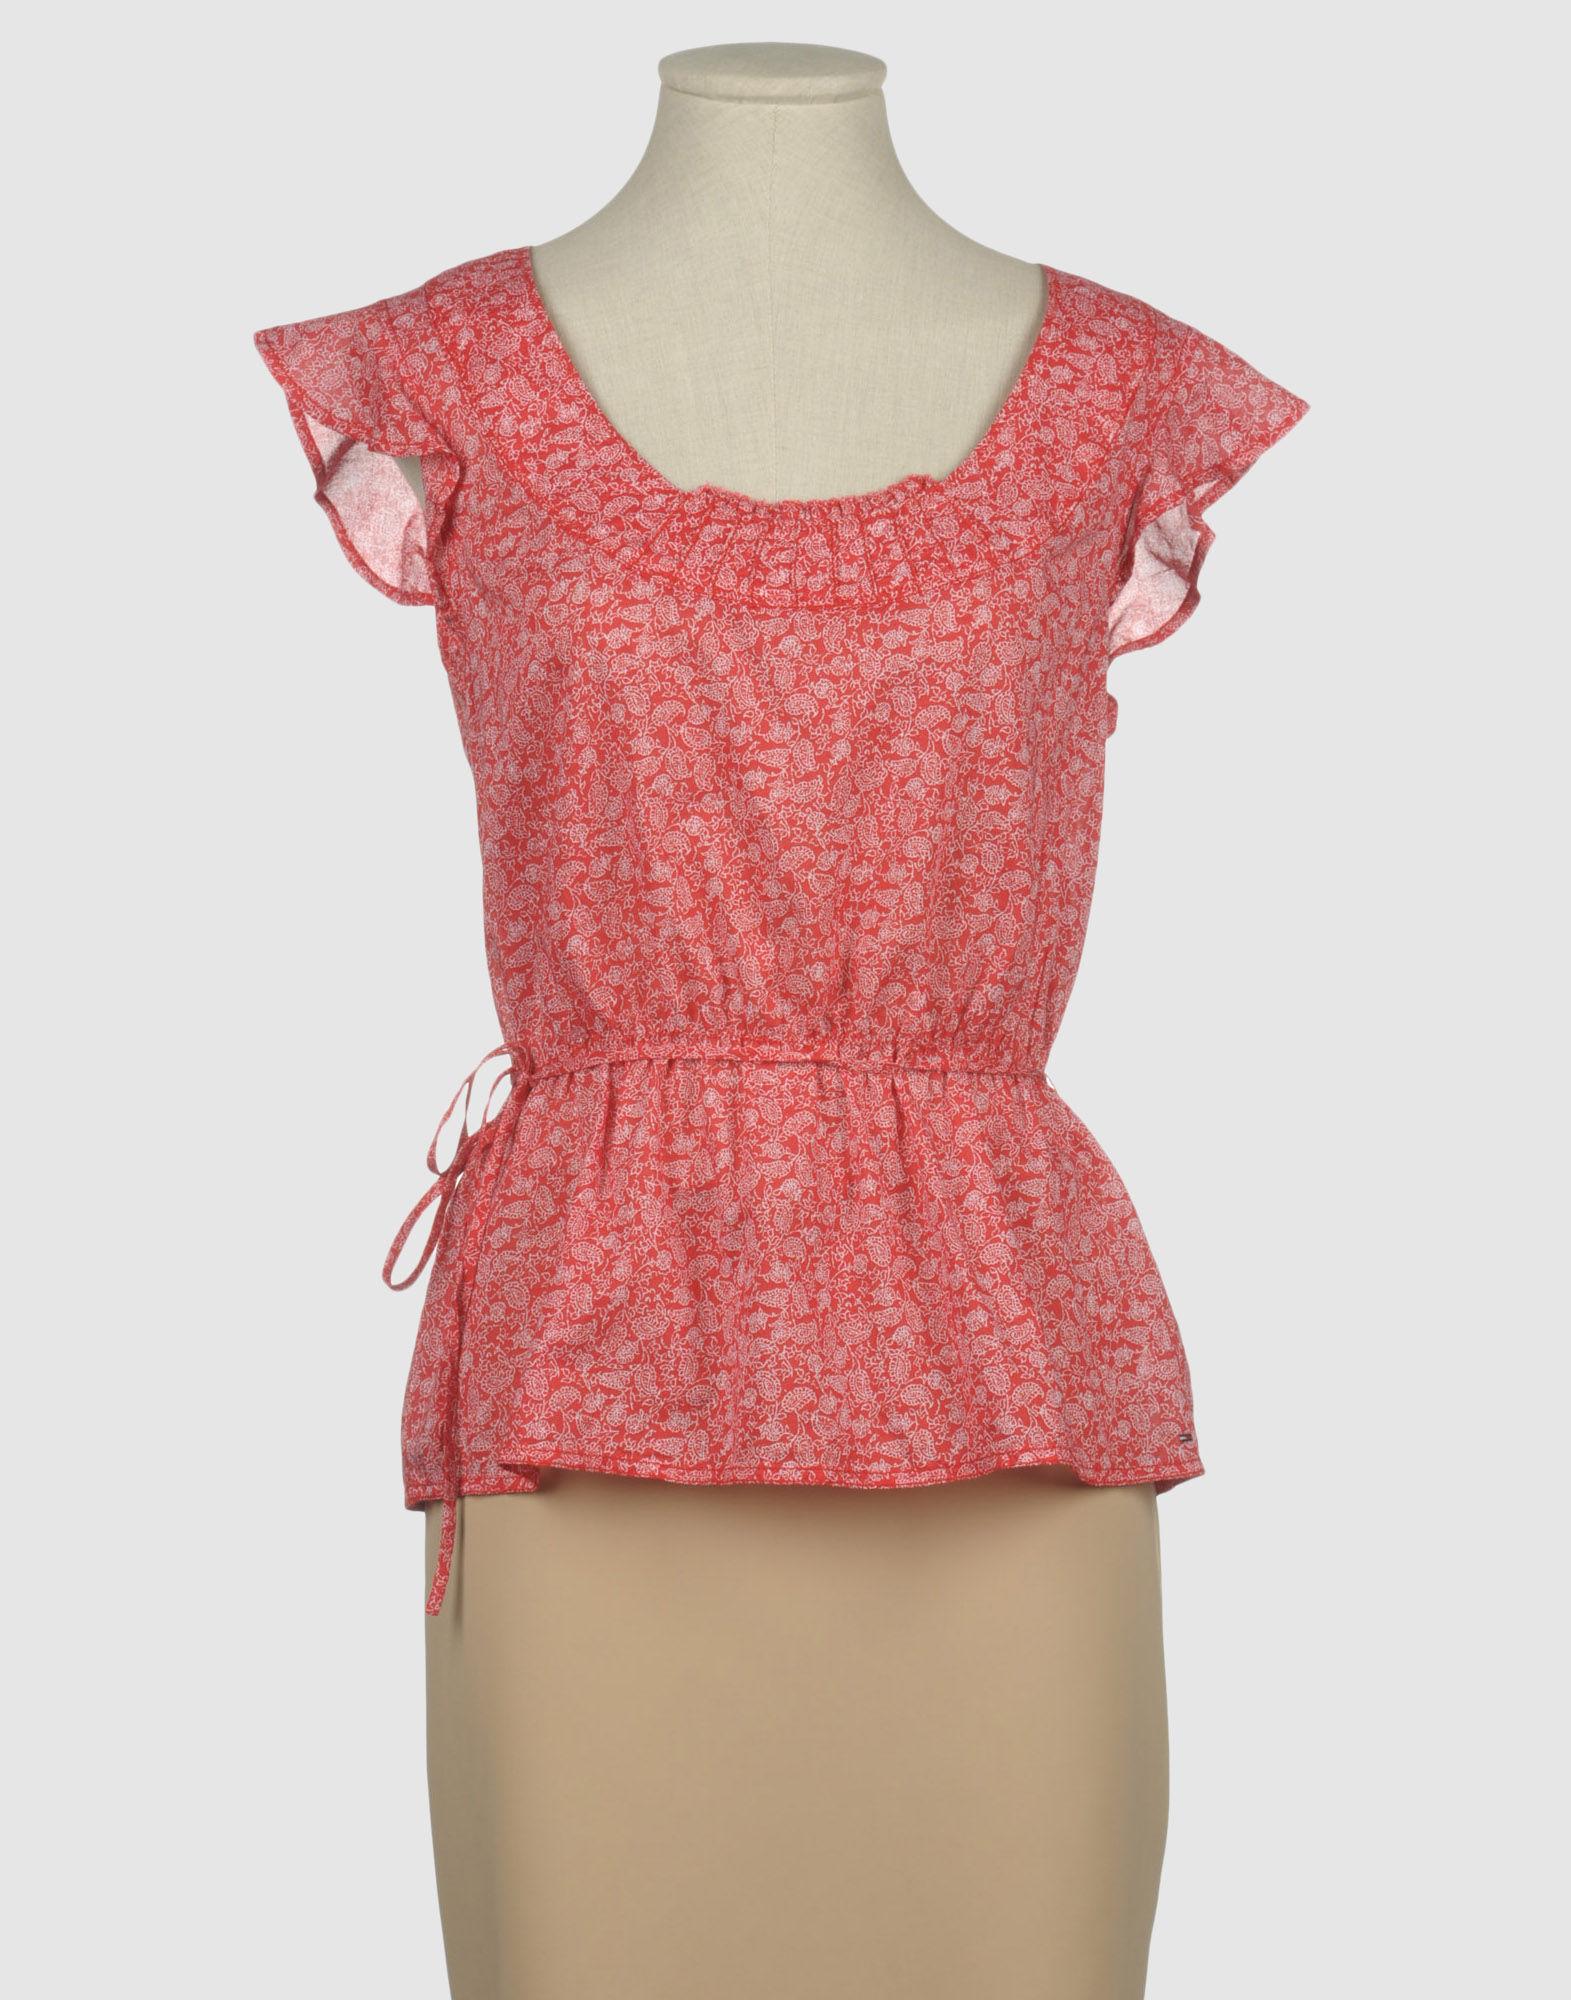 denim blouse tommy hilfiger smart casual blouse. Black Bedroom Furniture Sets. Home Design Ideas